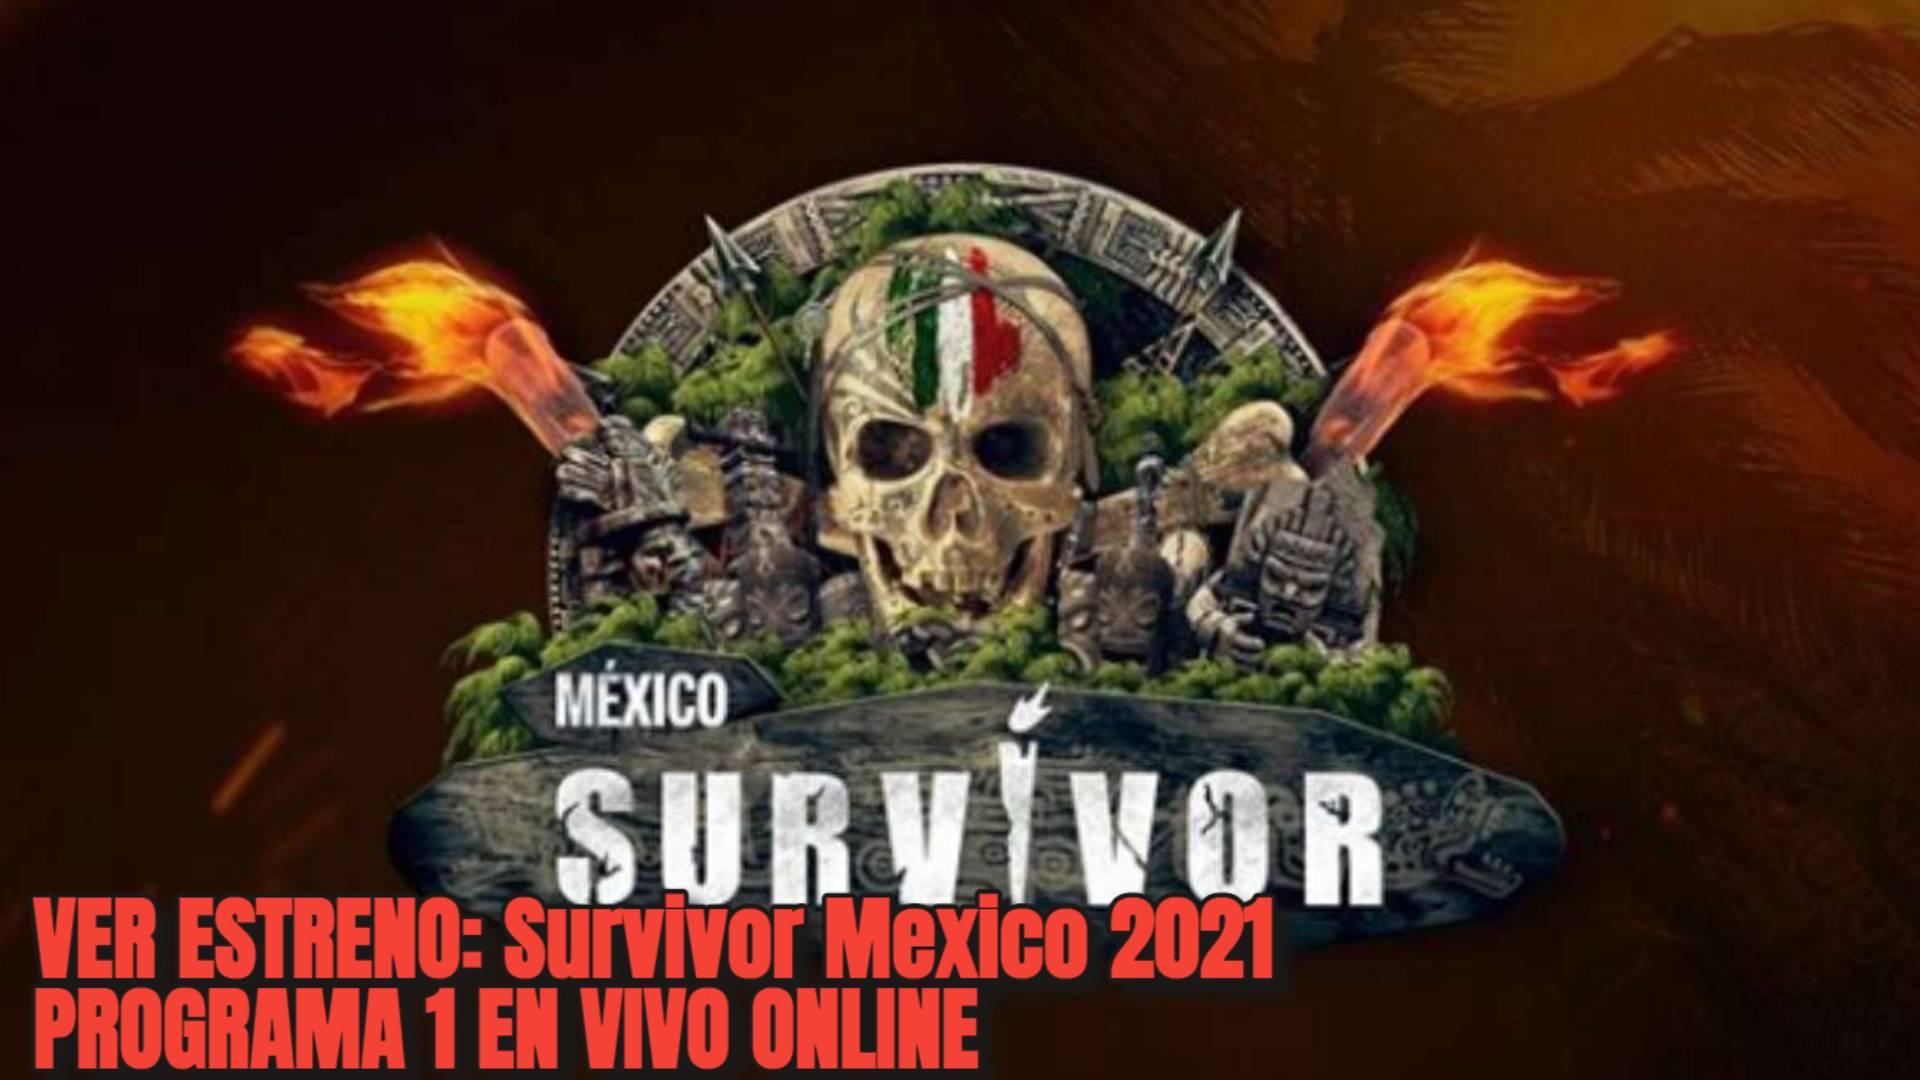 VER ESTRENO: Survivor Mexico 2021 PROGRAMA 1 EN VIVO ONLINE